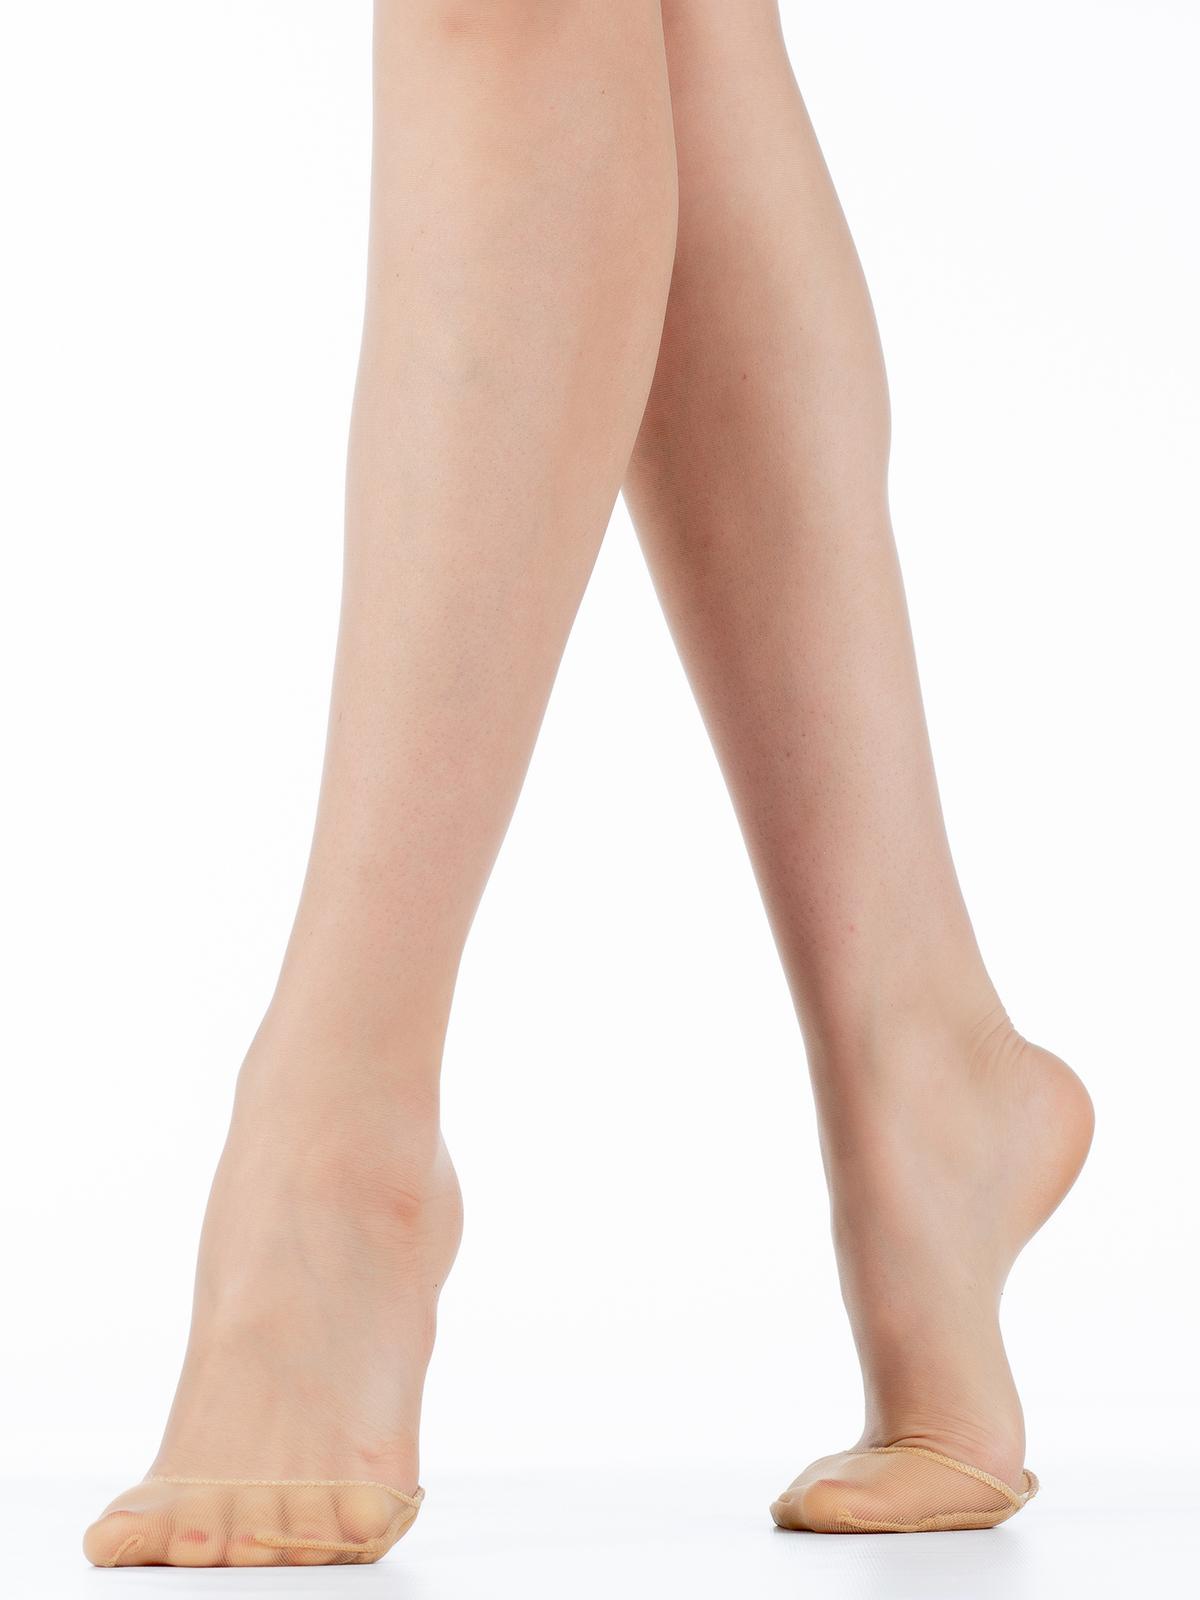 Женские, ножки / Sexy Legs» користувача Maxi